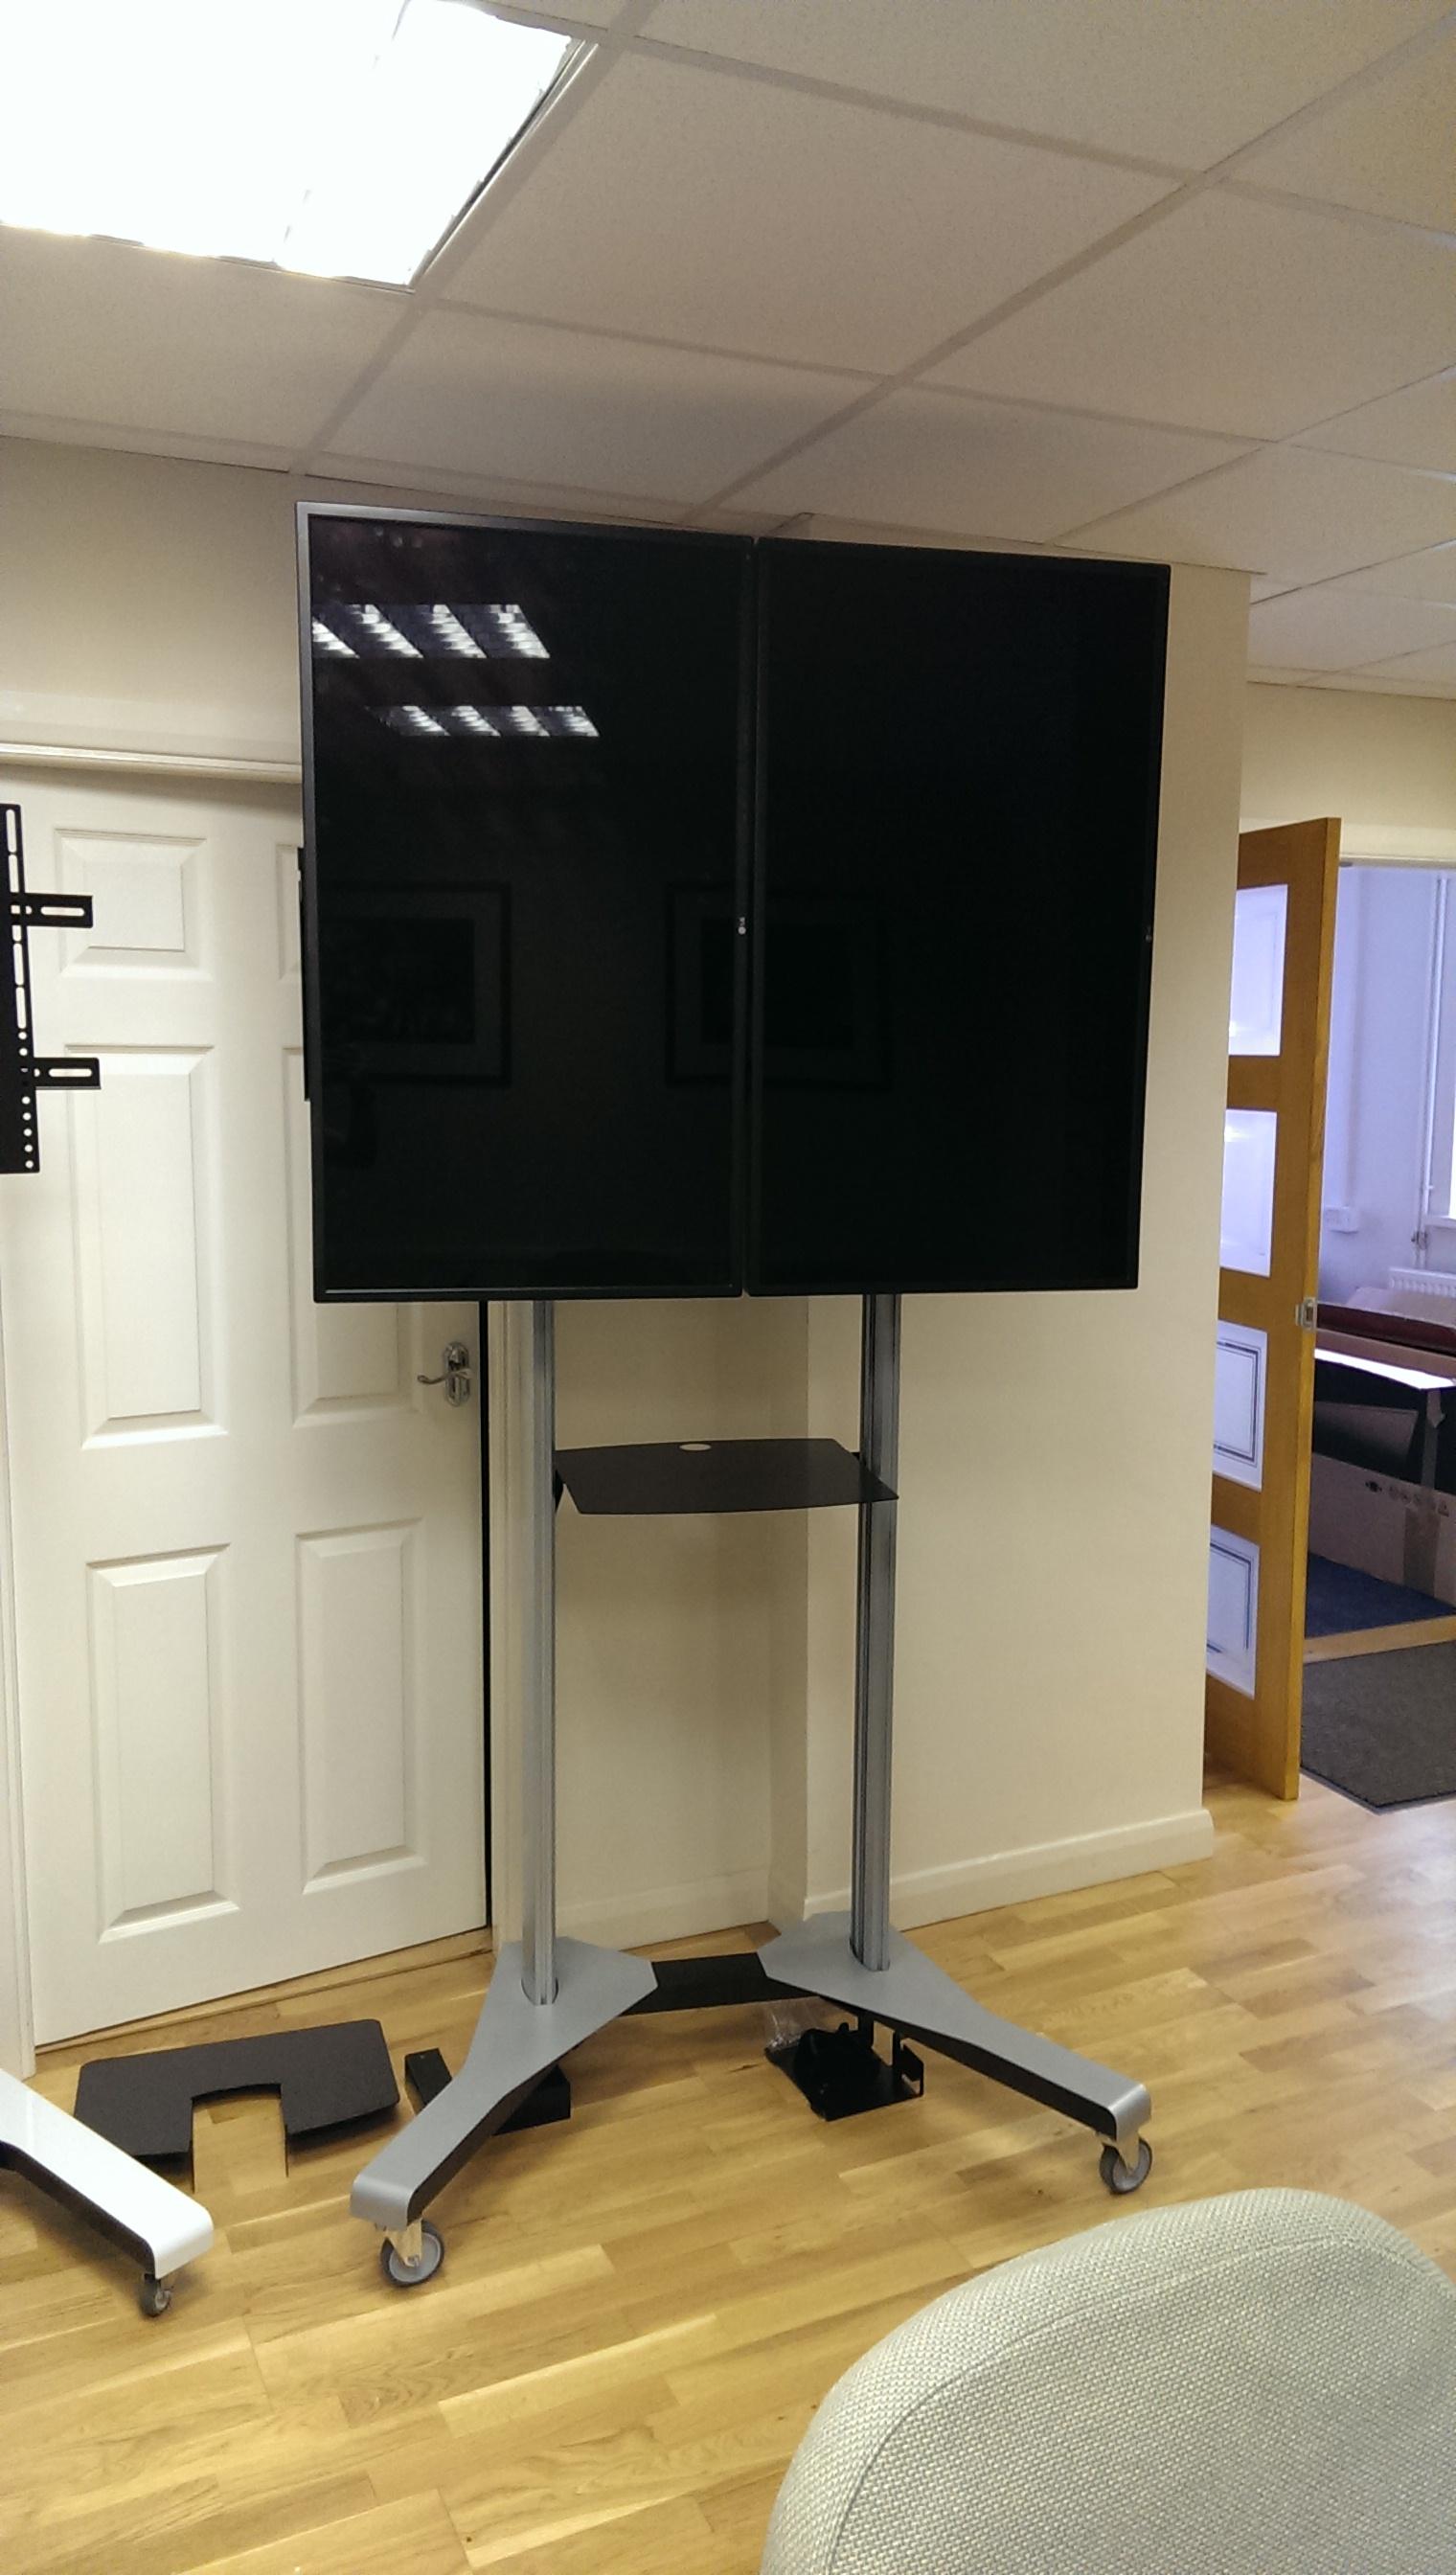 PMVTROLLEYXL - Bespoke setup for twin screens - 01.jpg